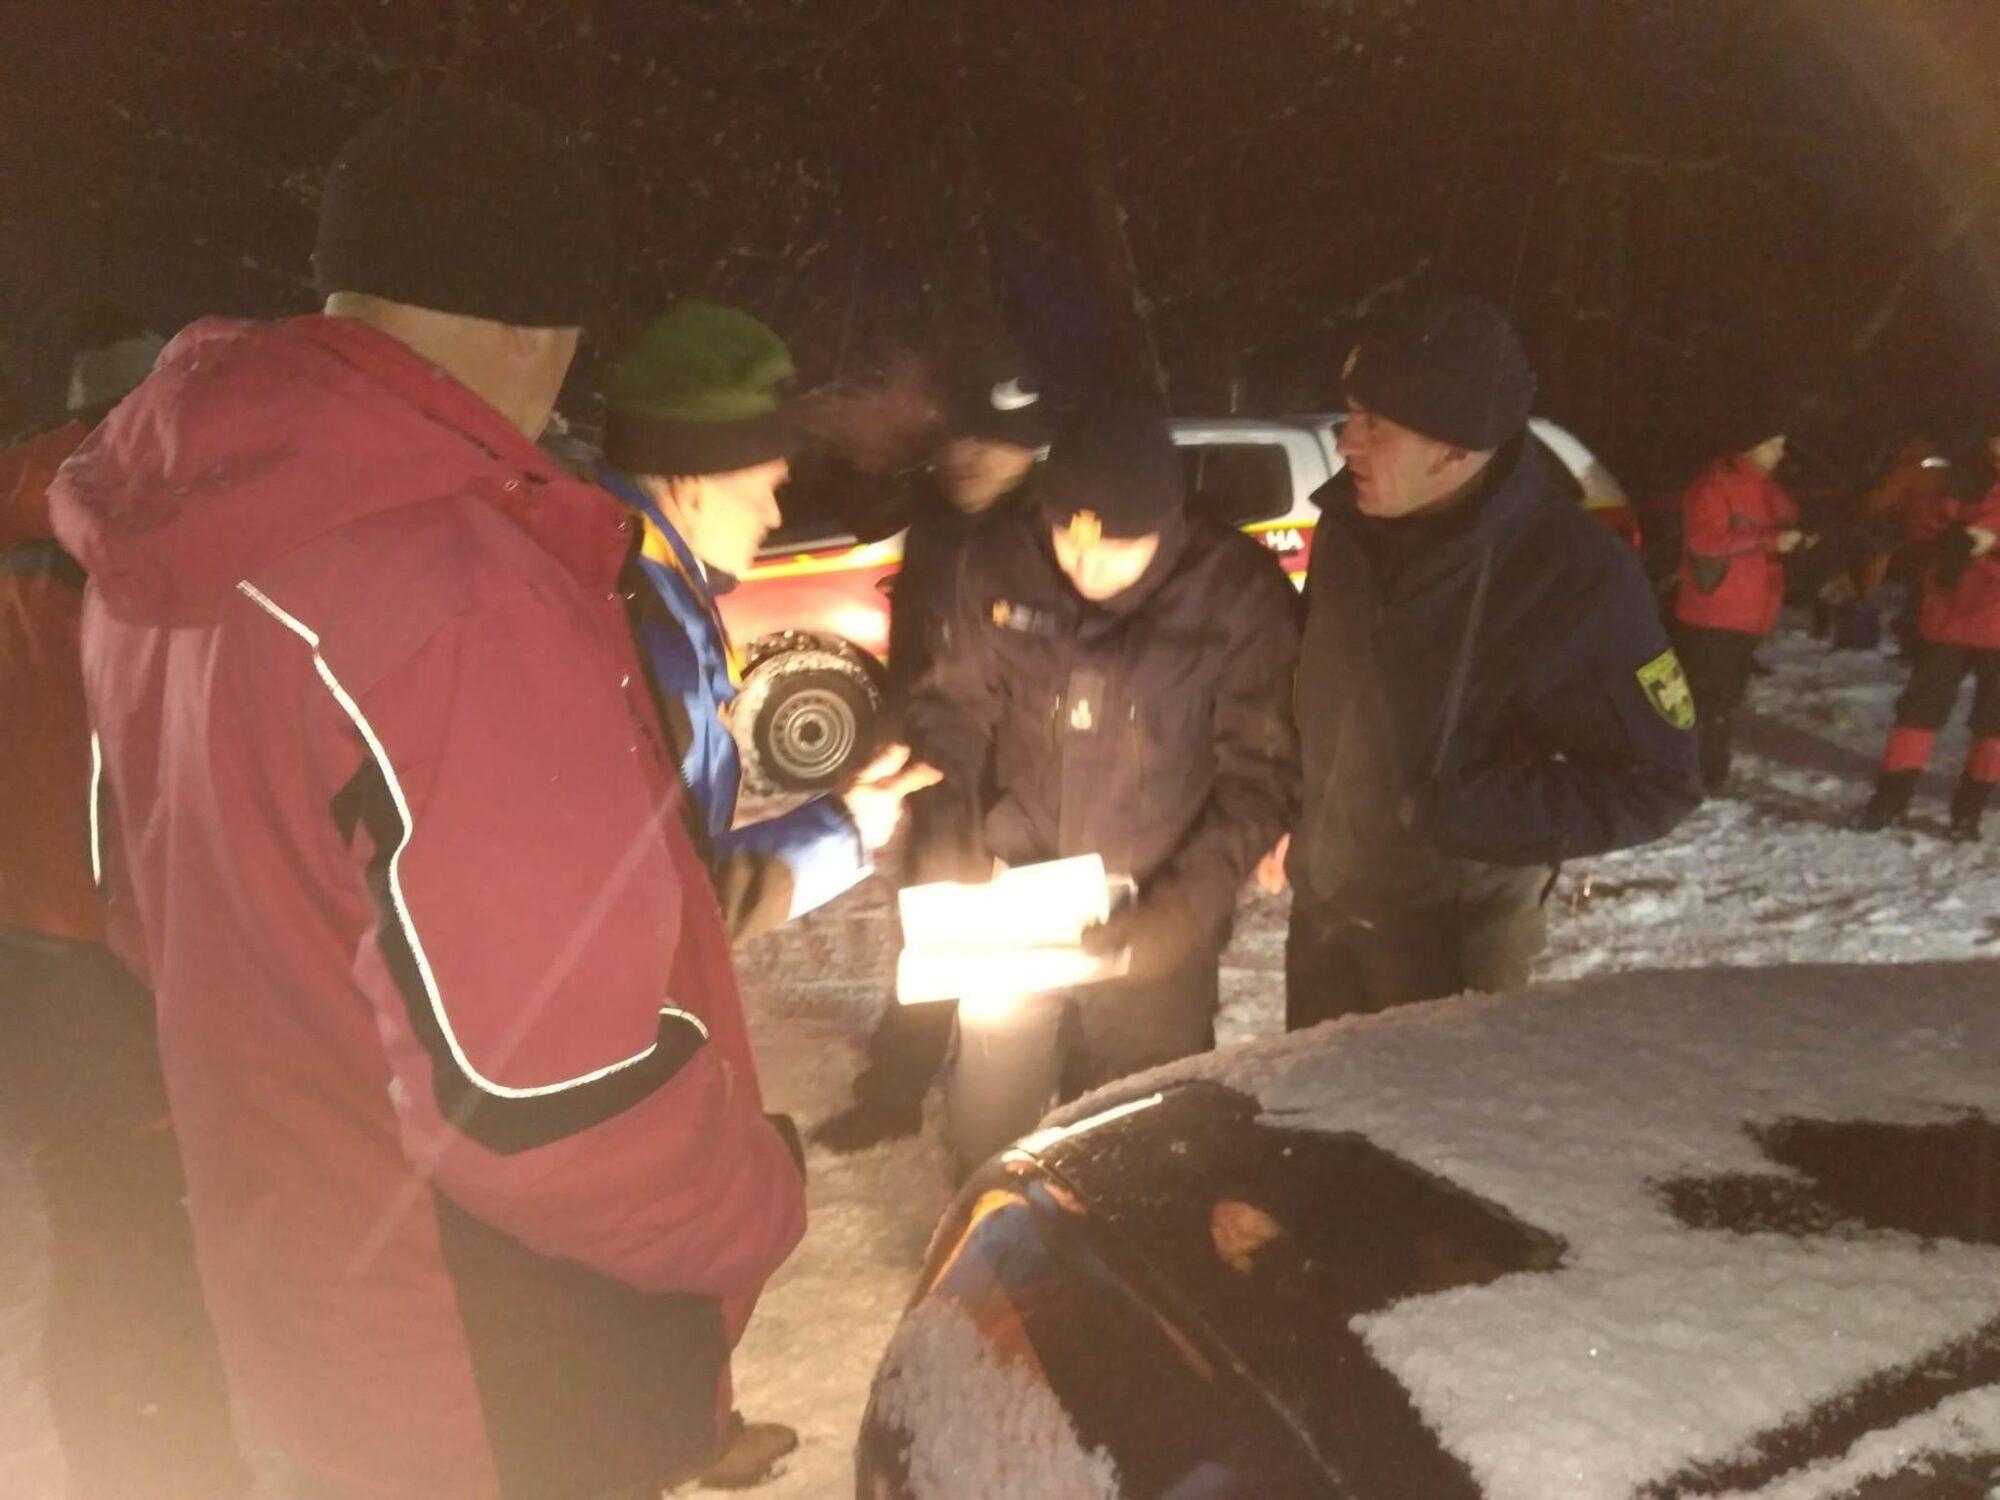 Небезпечні Карпати: рятувальники третій день поспіль шукають киянина (відео) - туристи, Карпати, зникнення - 150862964 577343013223178 8948675694656871478 n 2000x1500